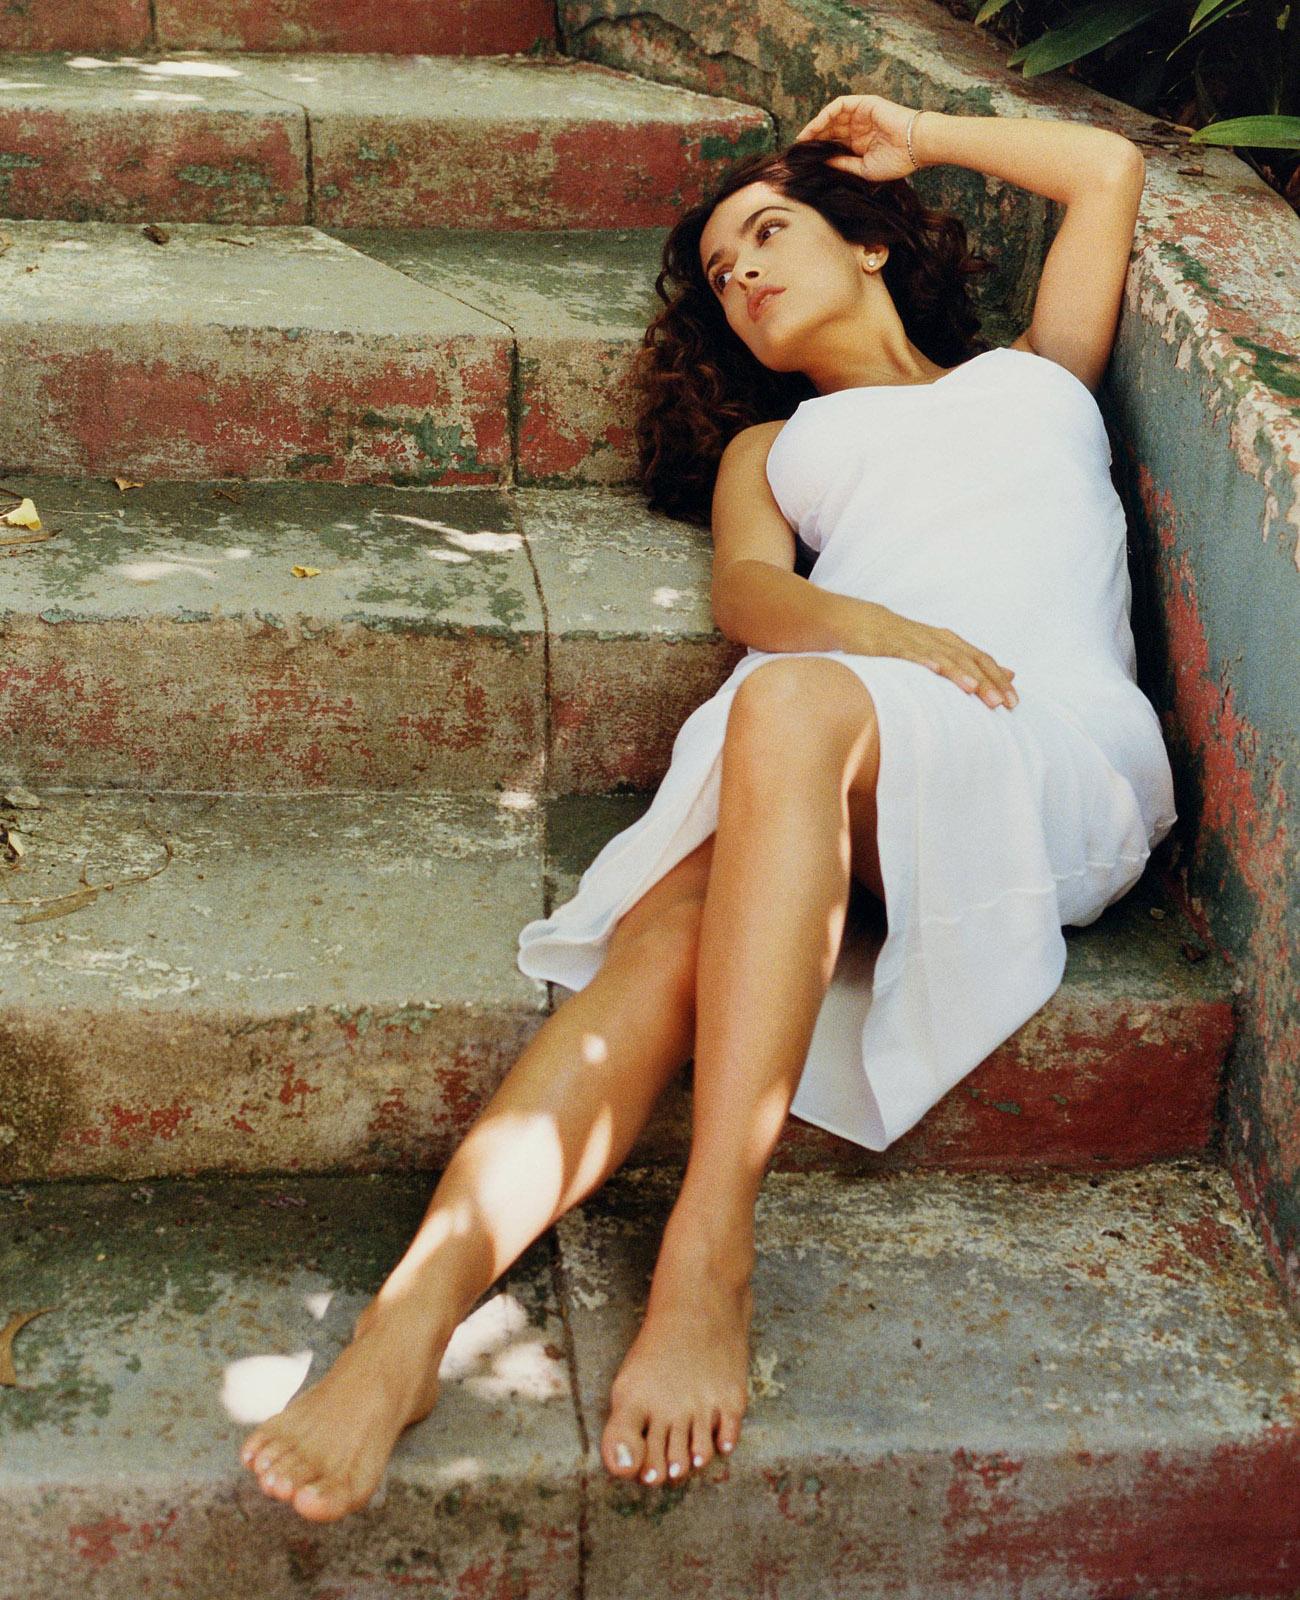 https://pics.wikifeet.com/Salma-Hayek-Feet-38521.jpg